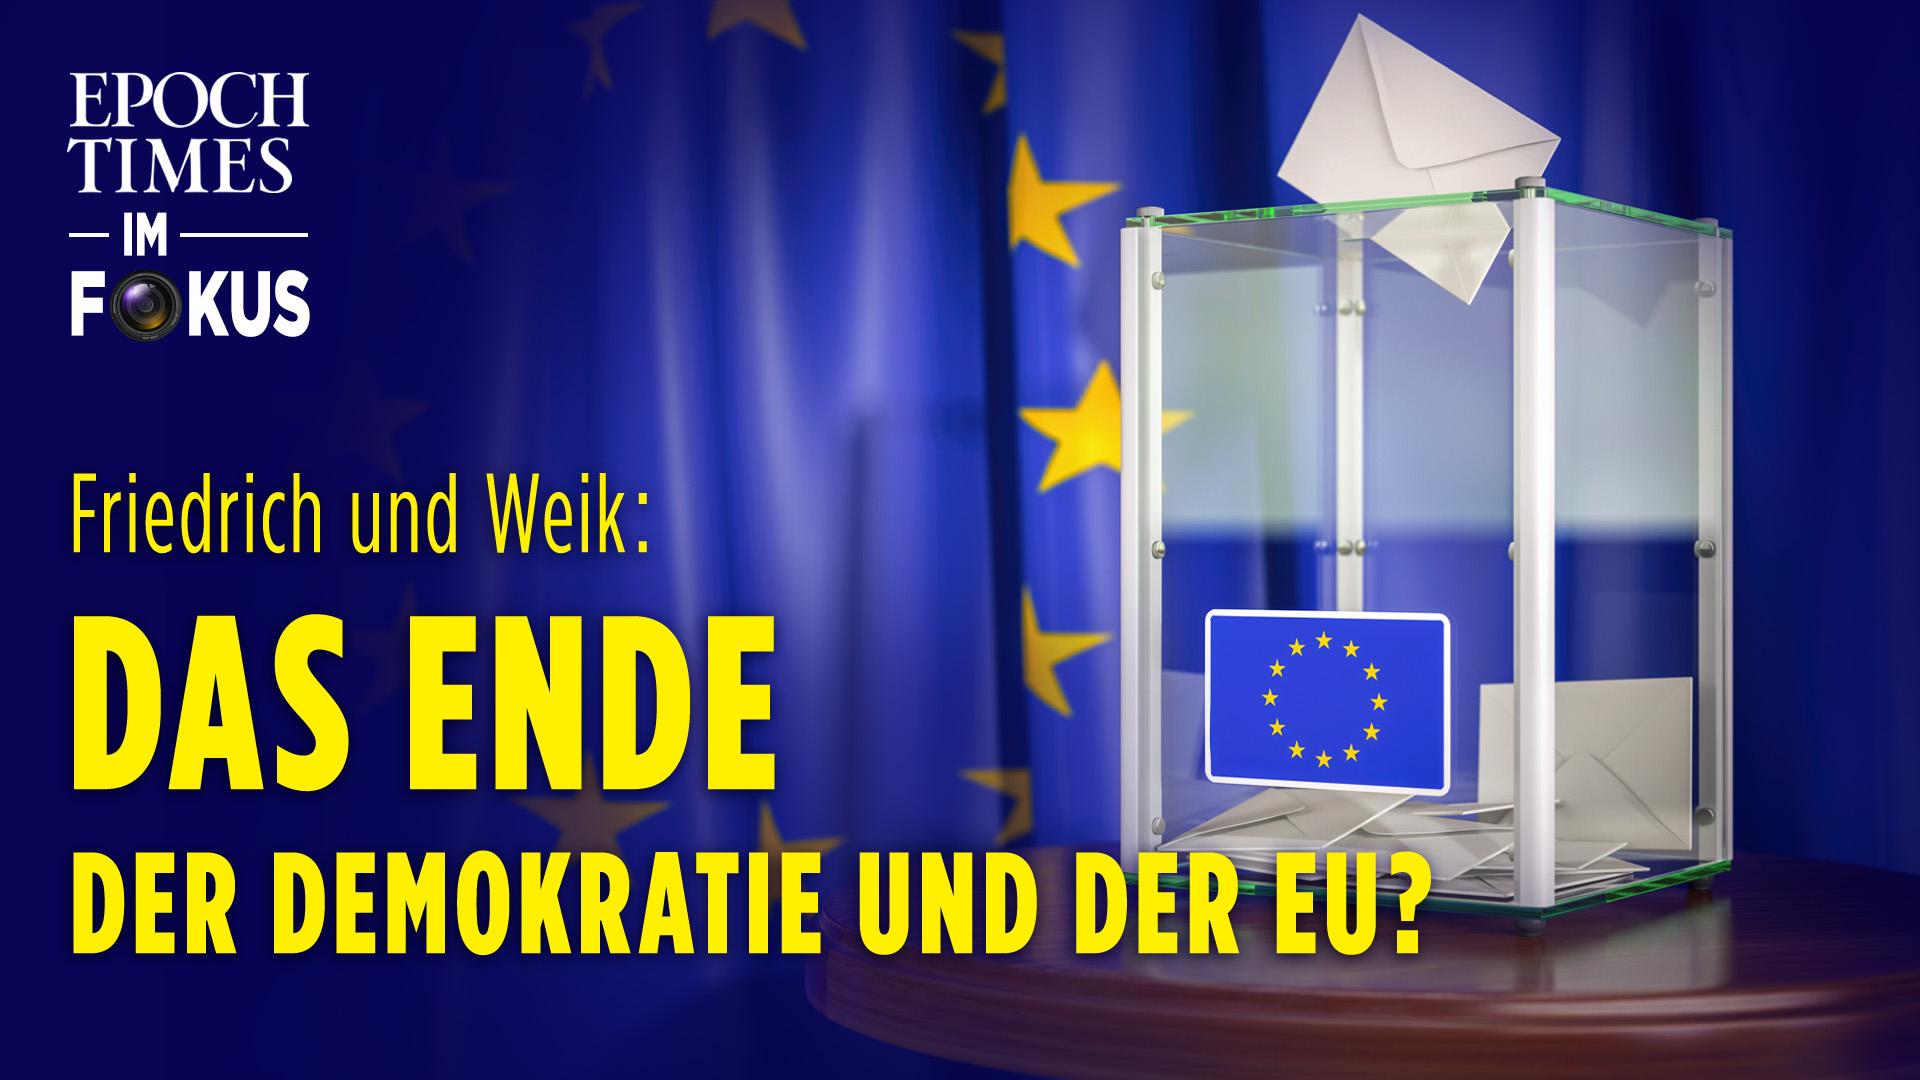 Friedrich & Weik: Das Ende der Demokratie und der EU? Wurden wir Wähler betrogen? | ET im Fokus